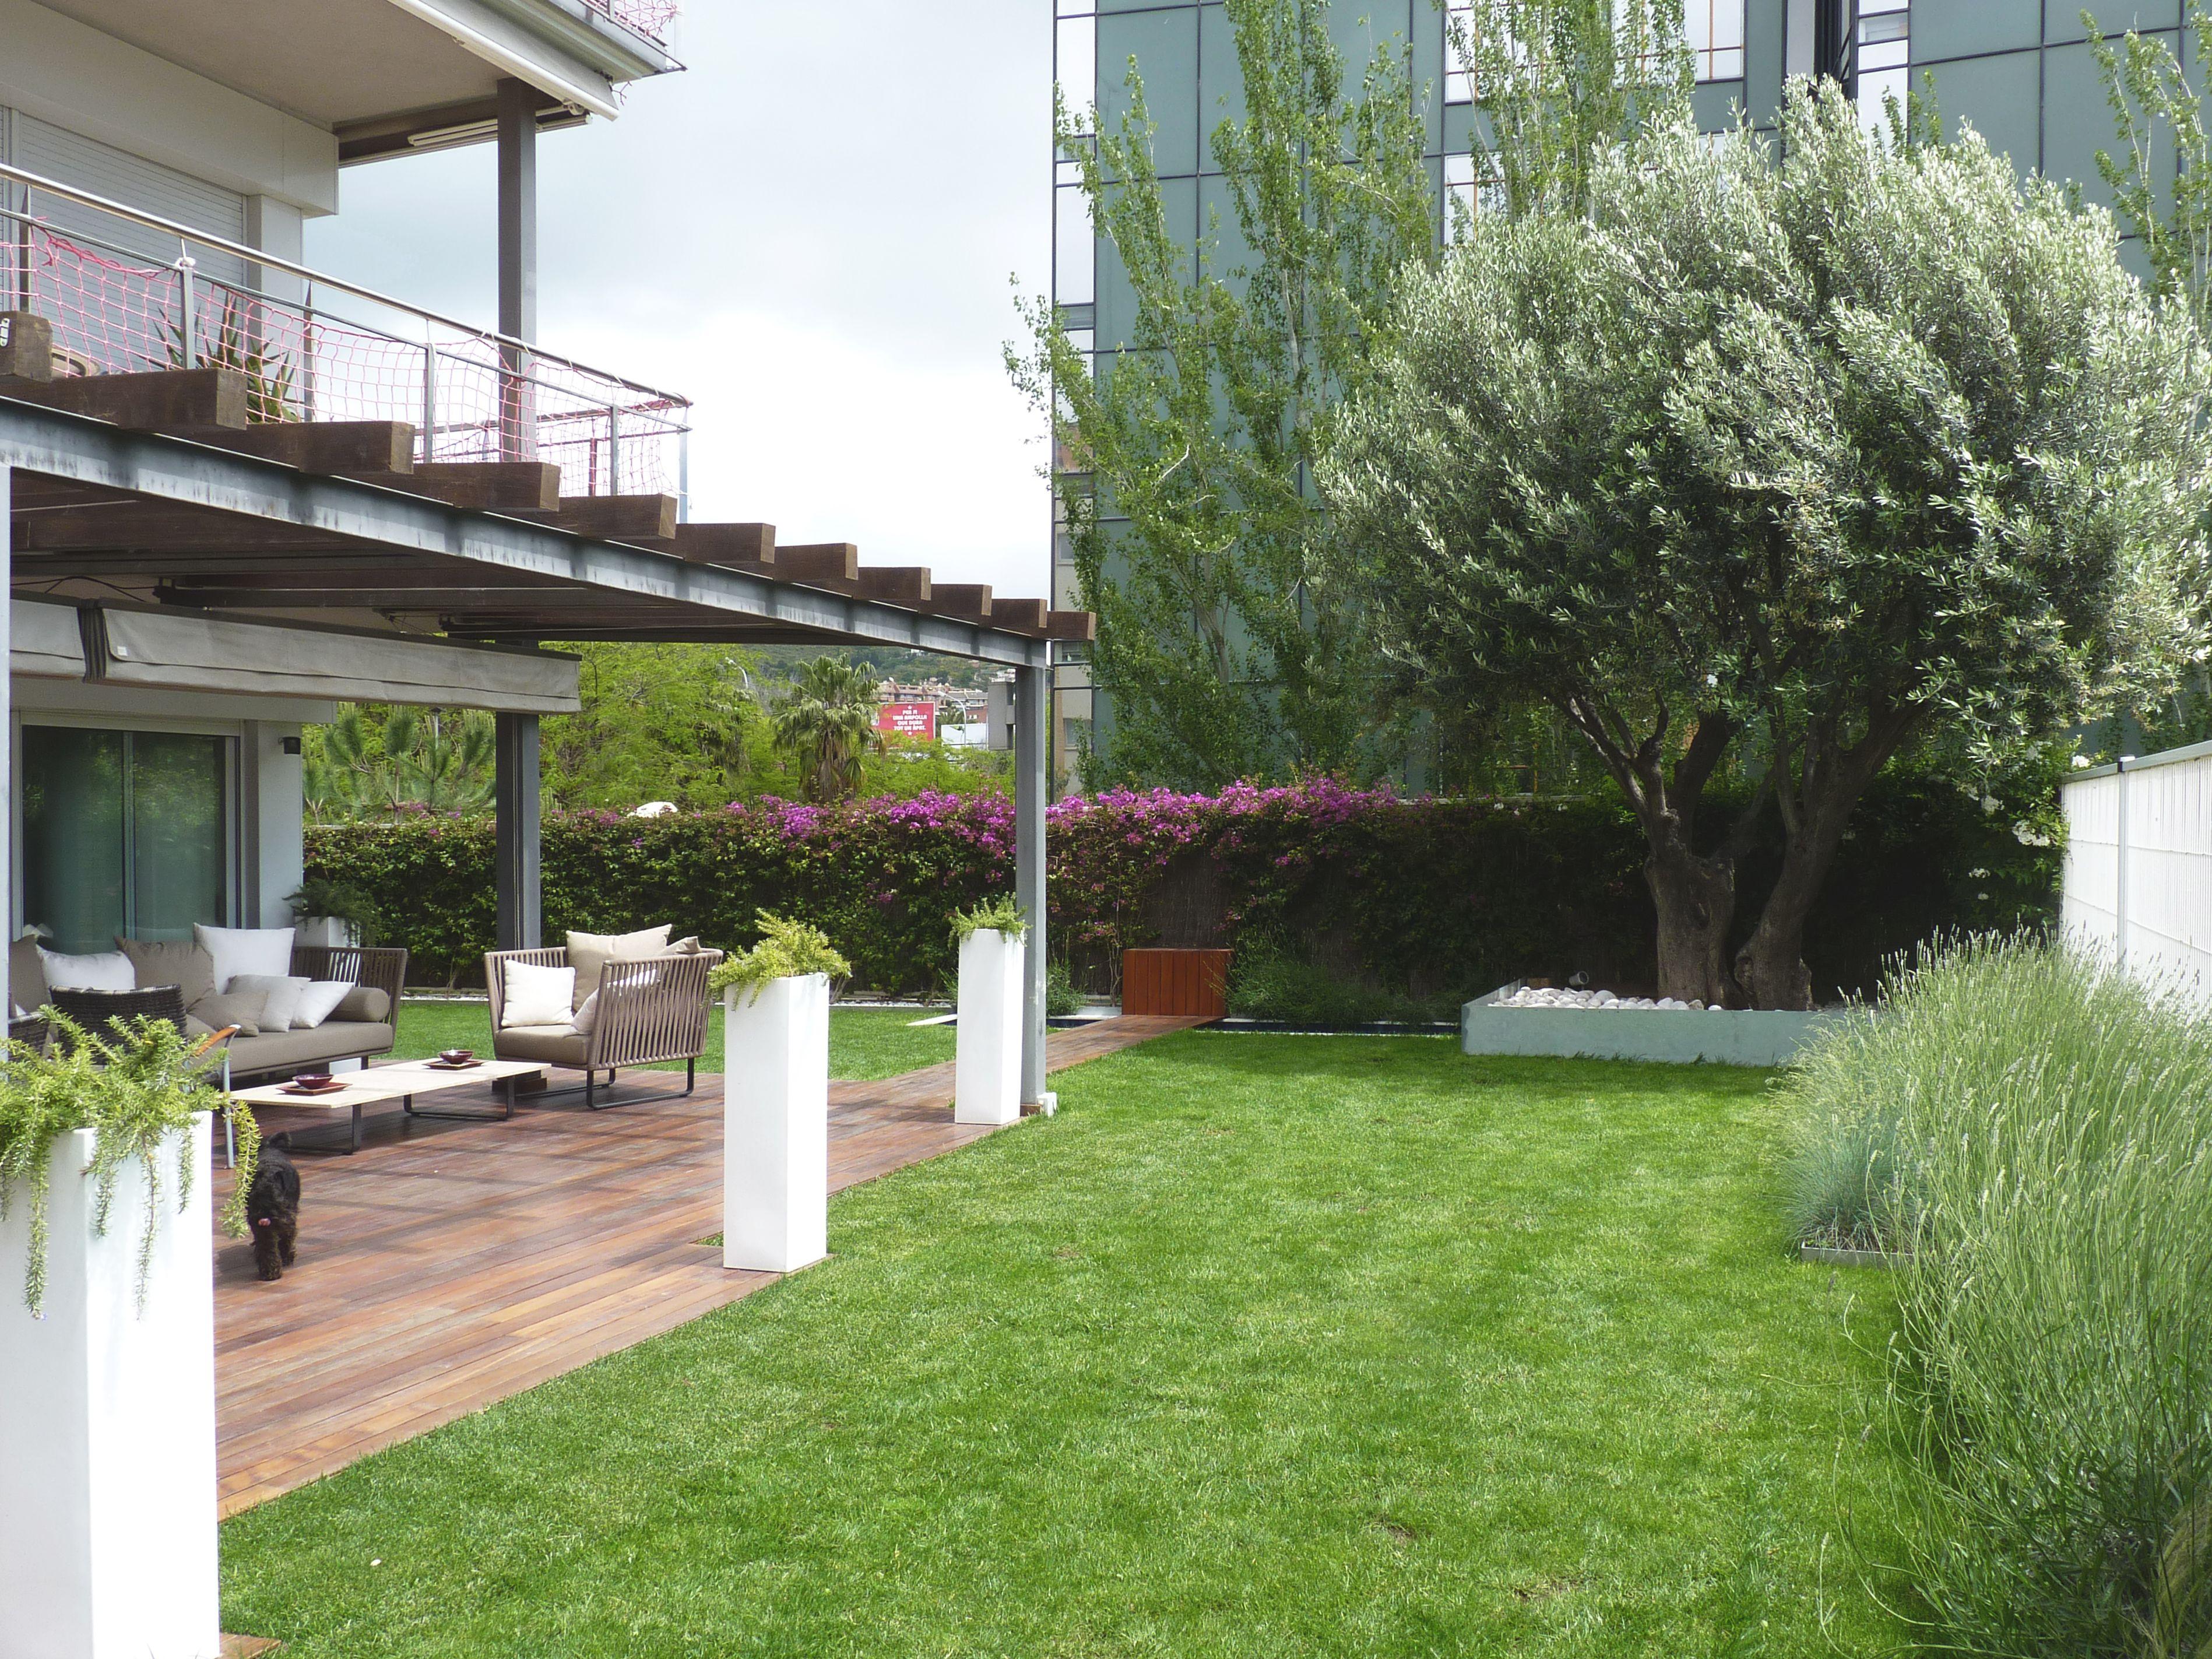 Exterior jardin porche contemporaneo paisajismo via for Decoracion exterior jardin contemporaneo